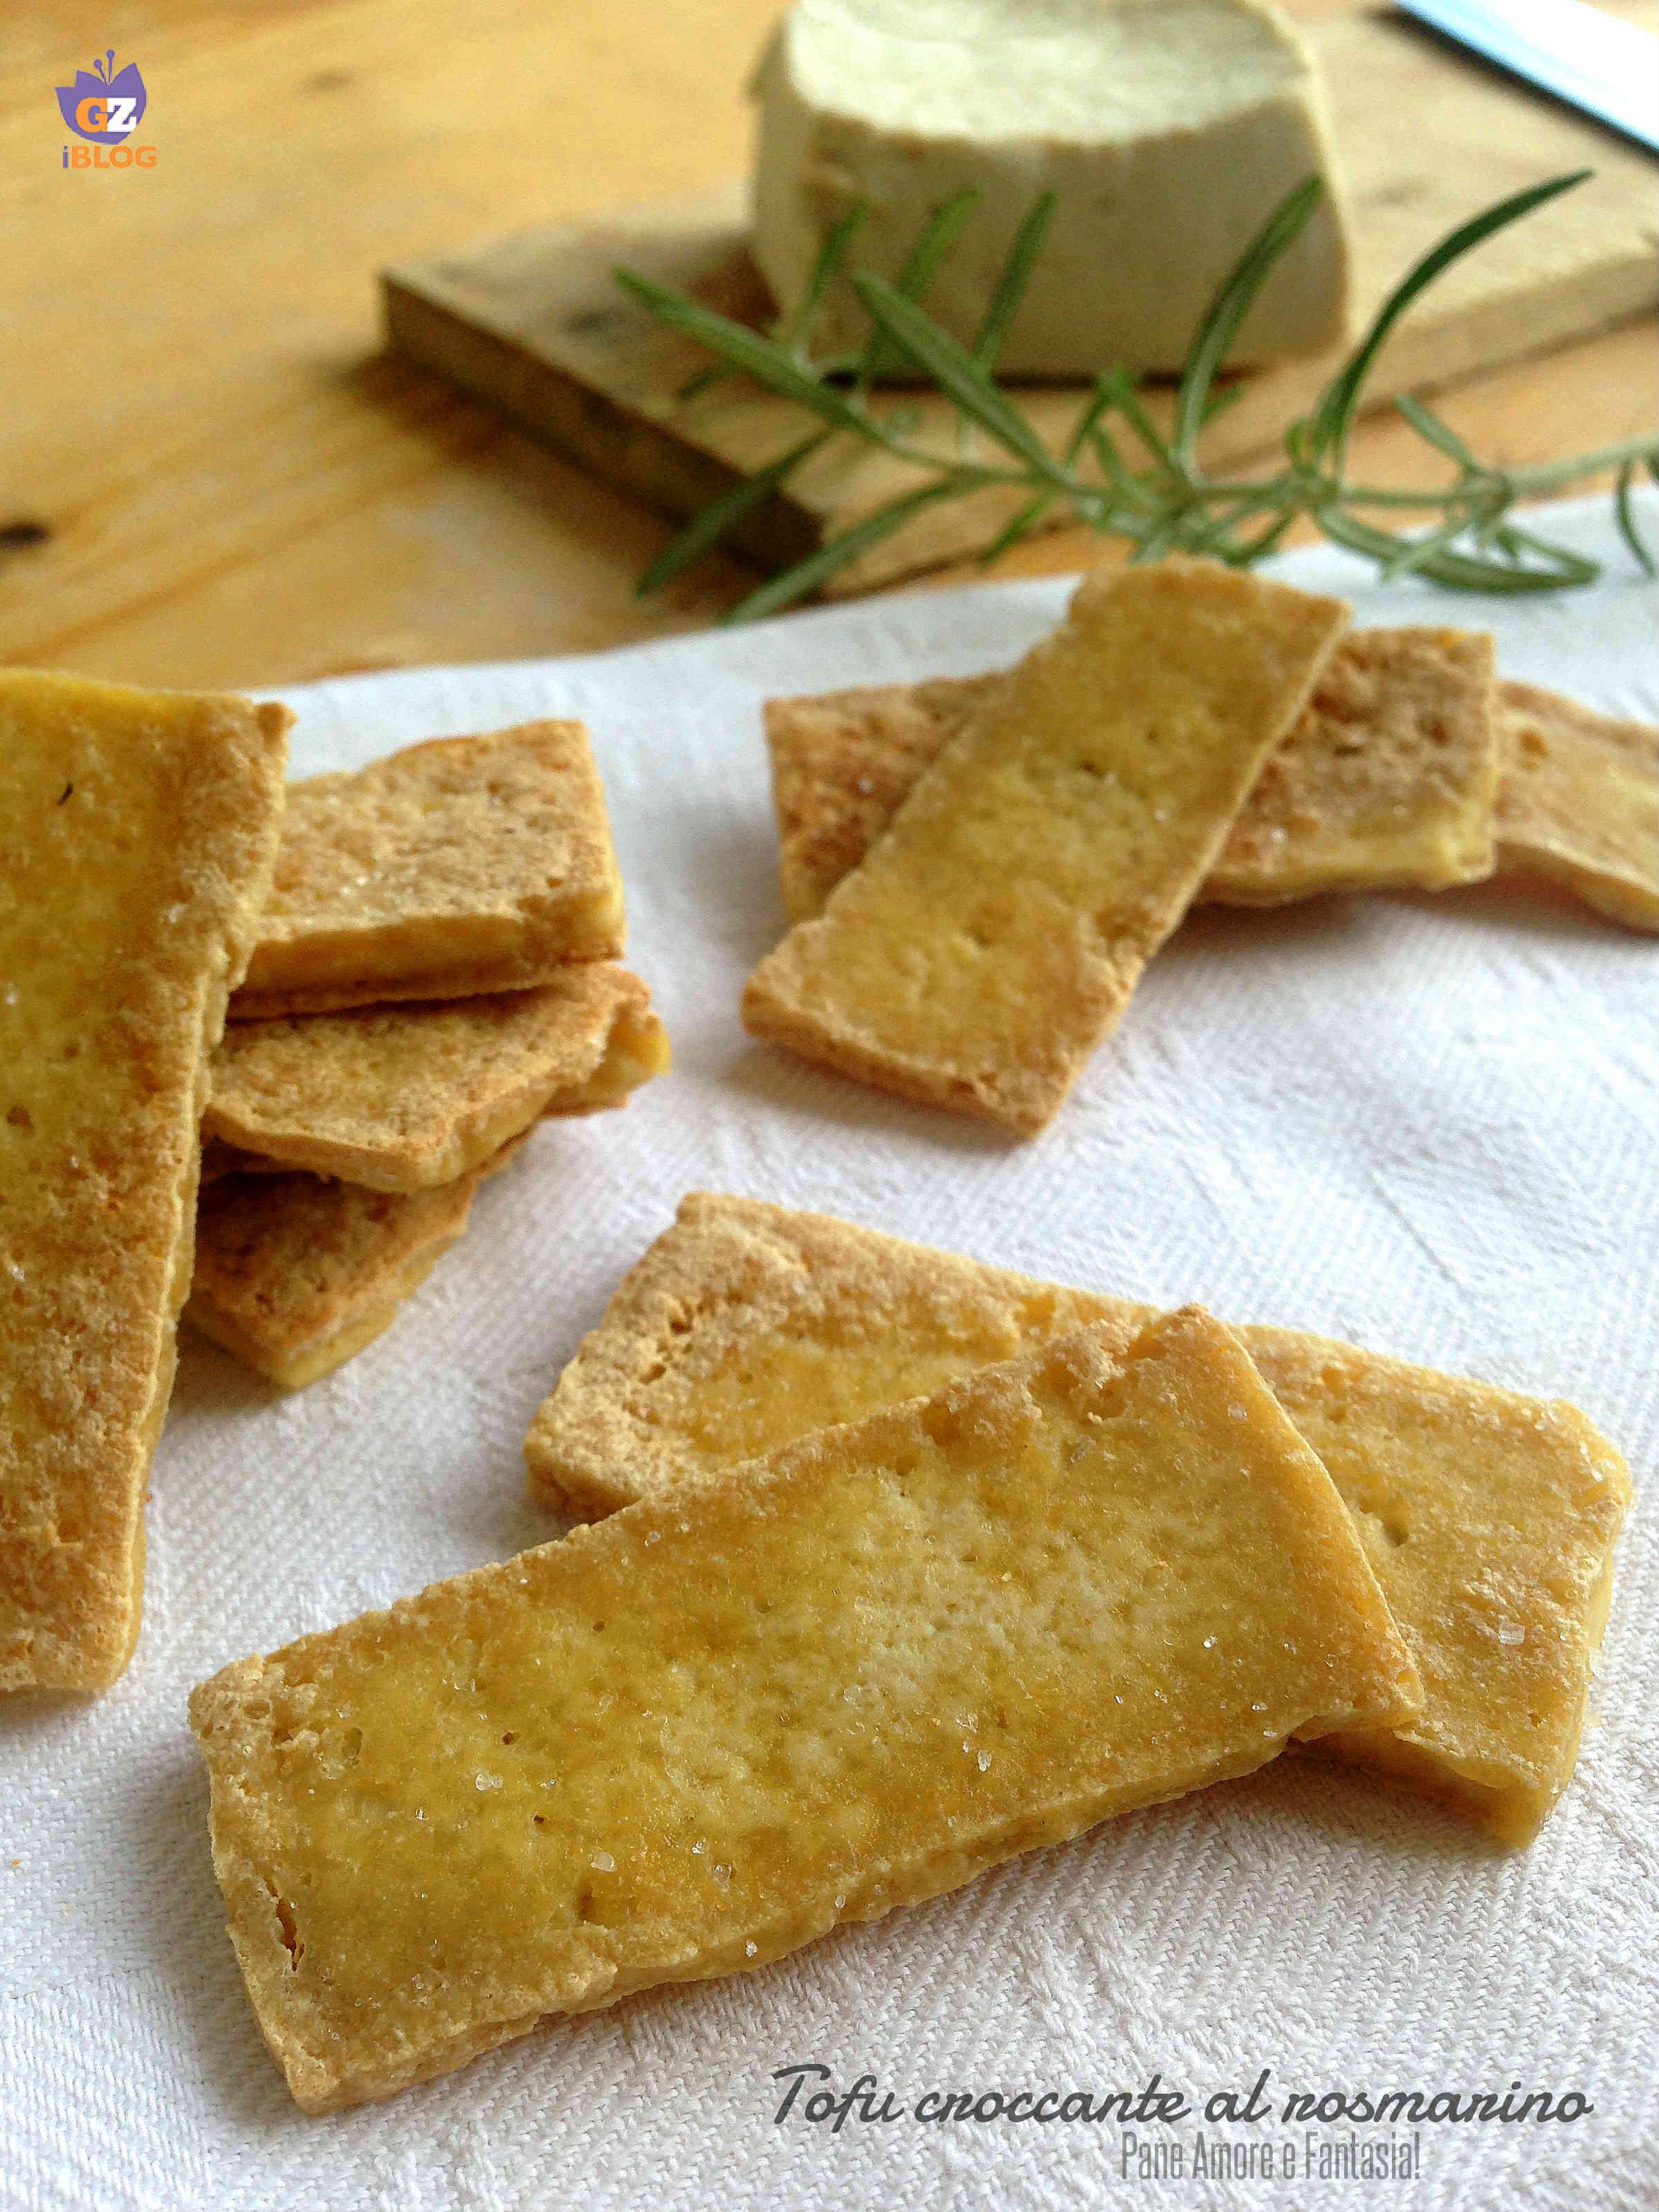 tofu croccante al rosmarino